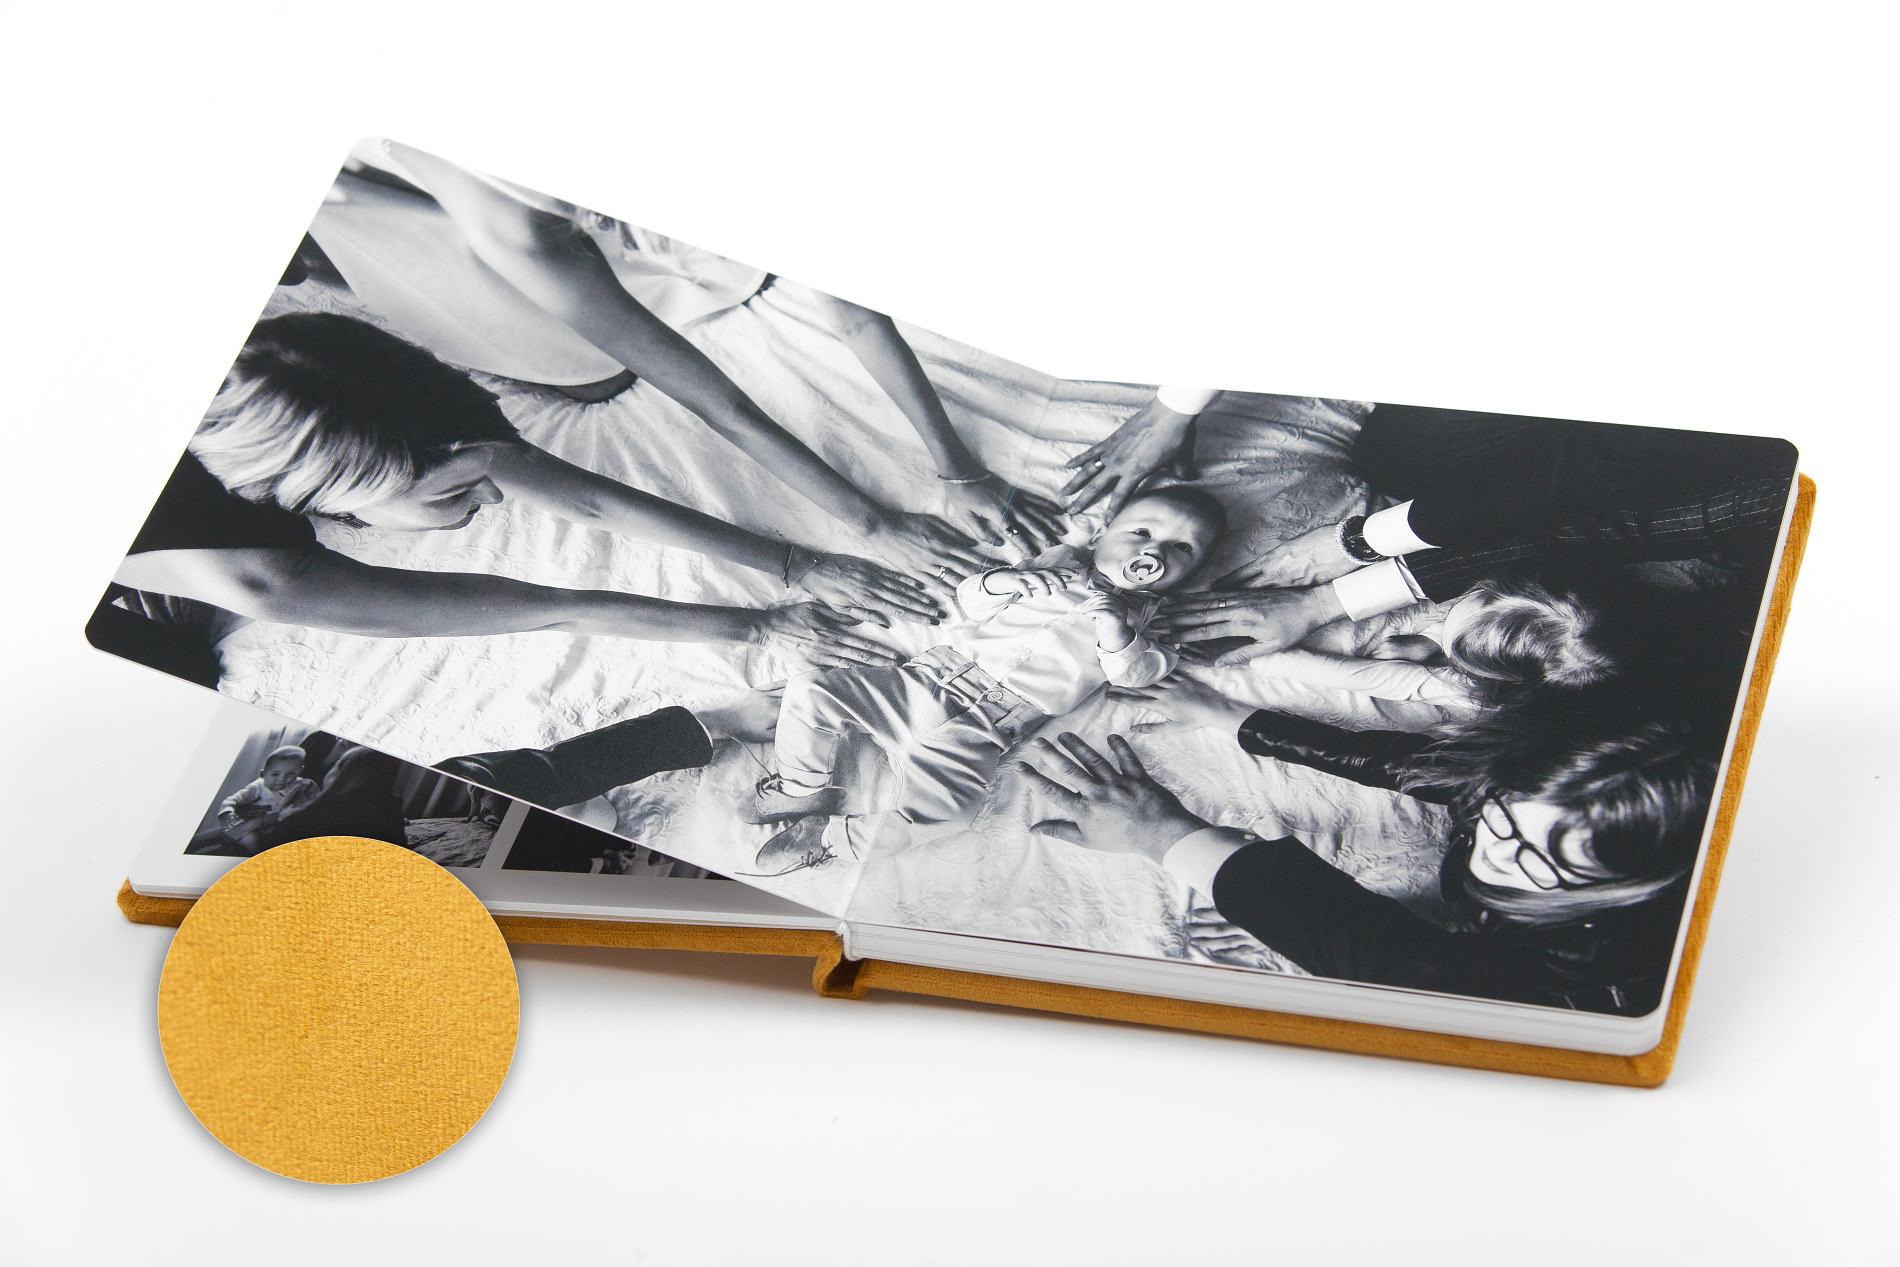 Piękny album z chrzcin Antoniego, w aksamitnej oprawie. Na zdjęciach i filmie.